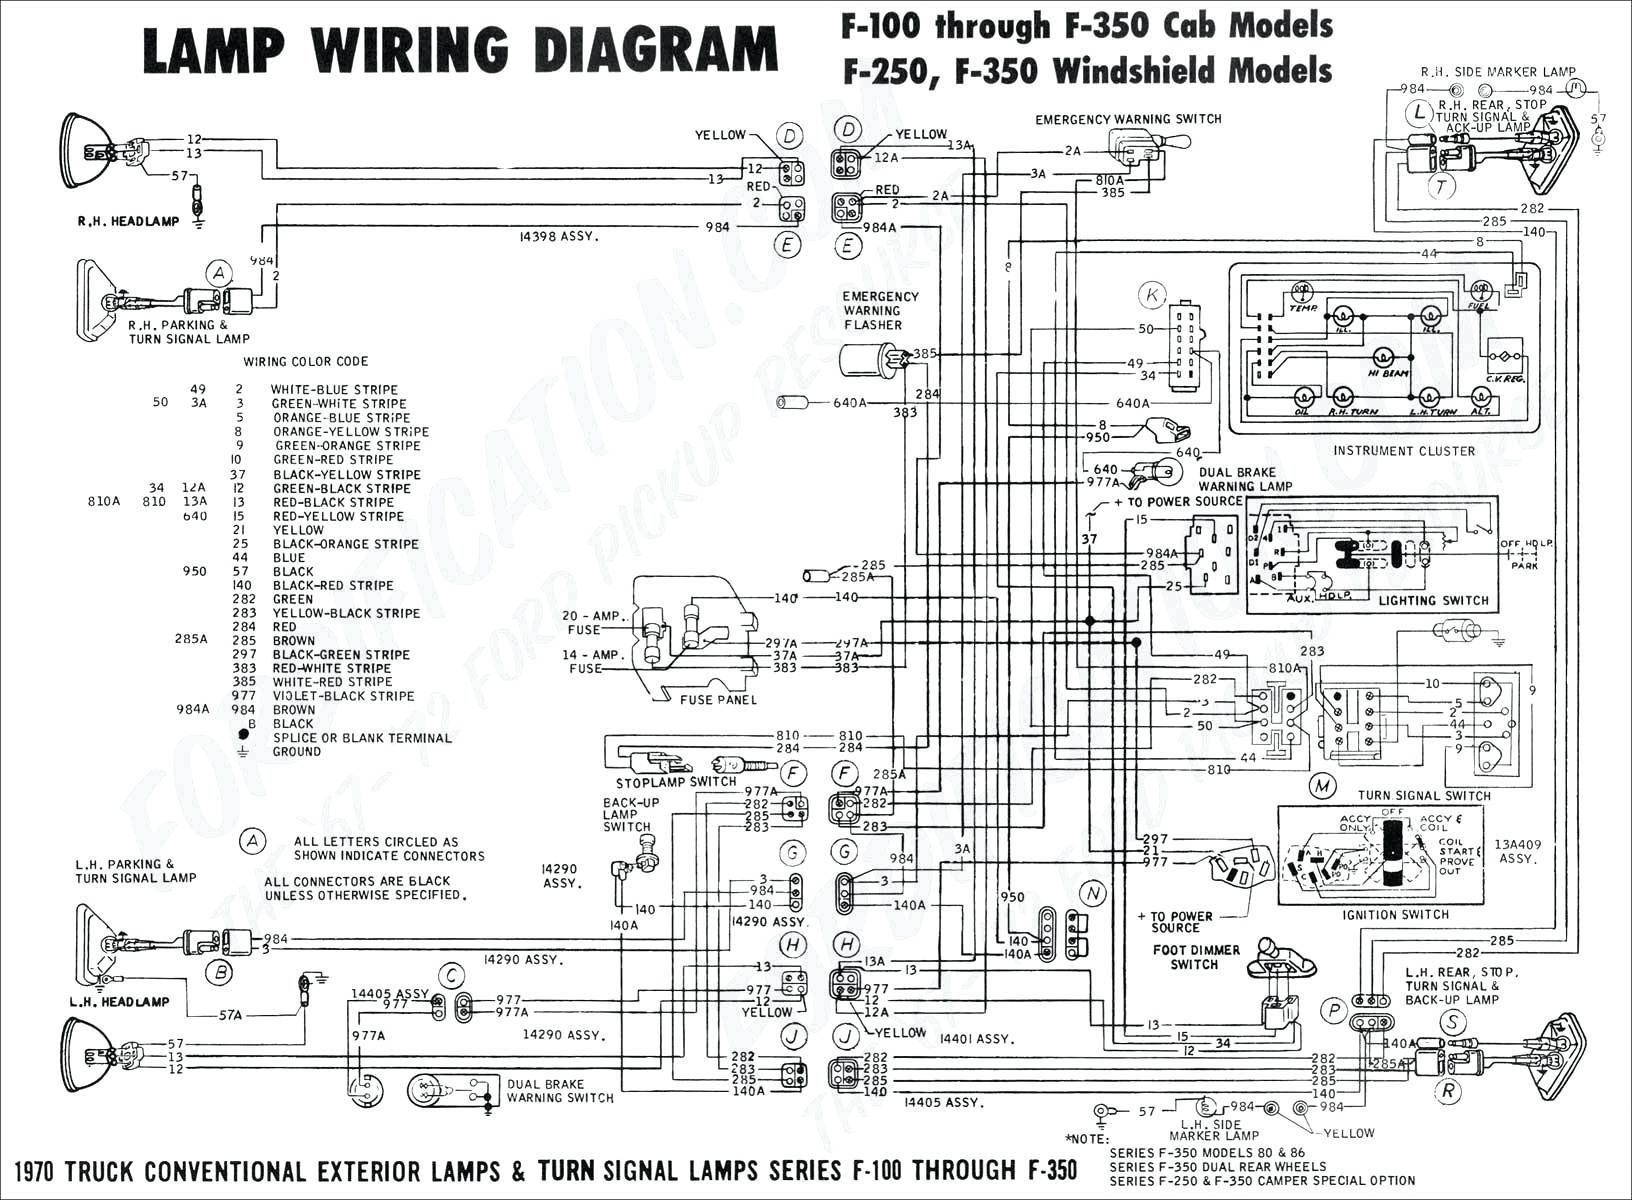 Toyota 4runner Engine Diagram 1997 4runner Fuse Diagram Wiring Diagram Datasource Of Toyota 4runner Engine Diagram toyota Engine Schematics Wiring Diagram Paper